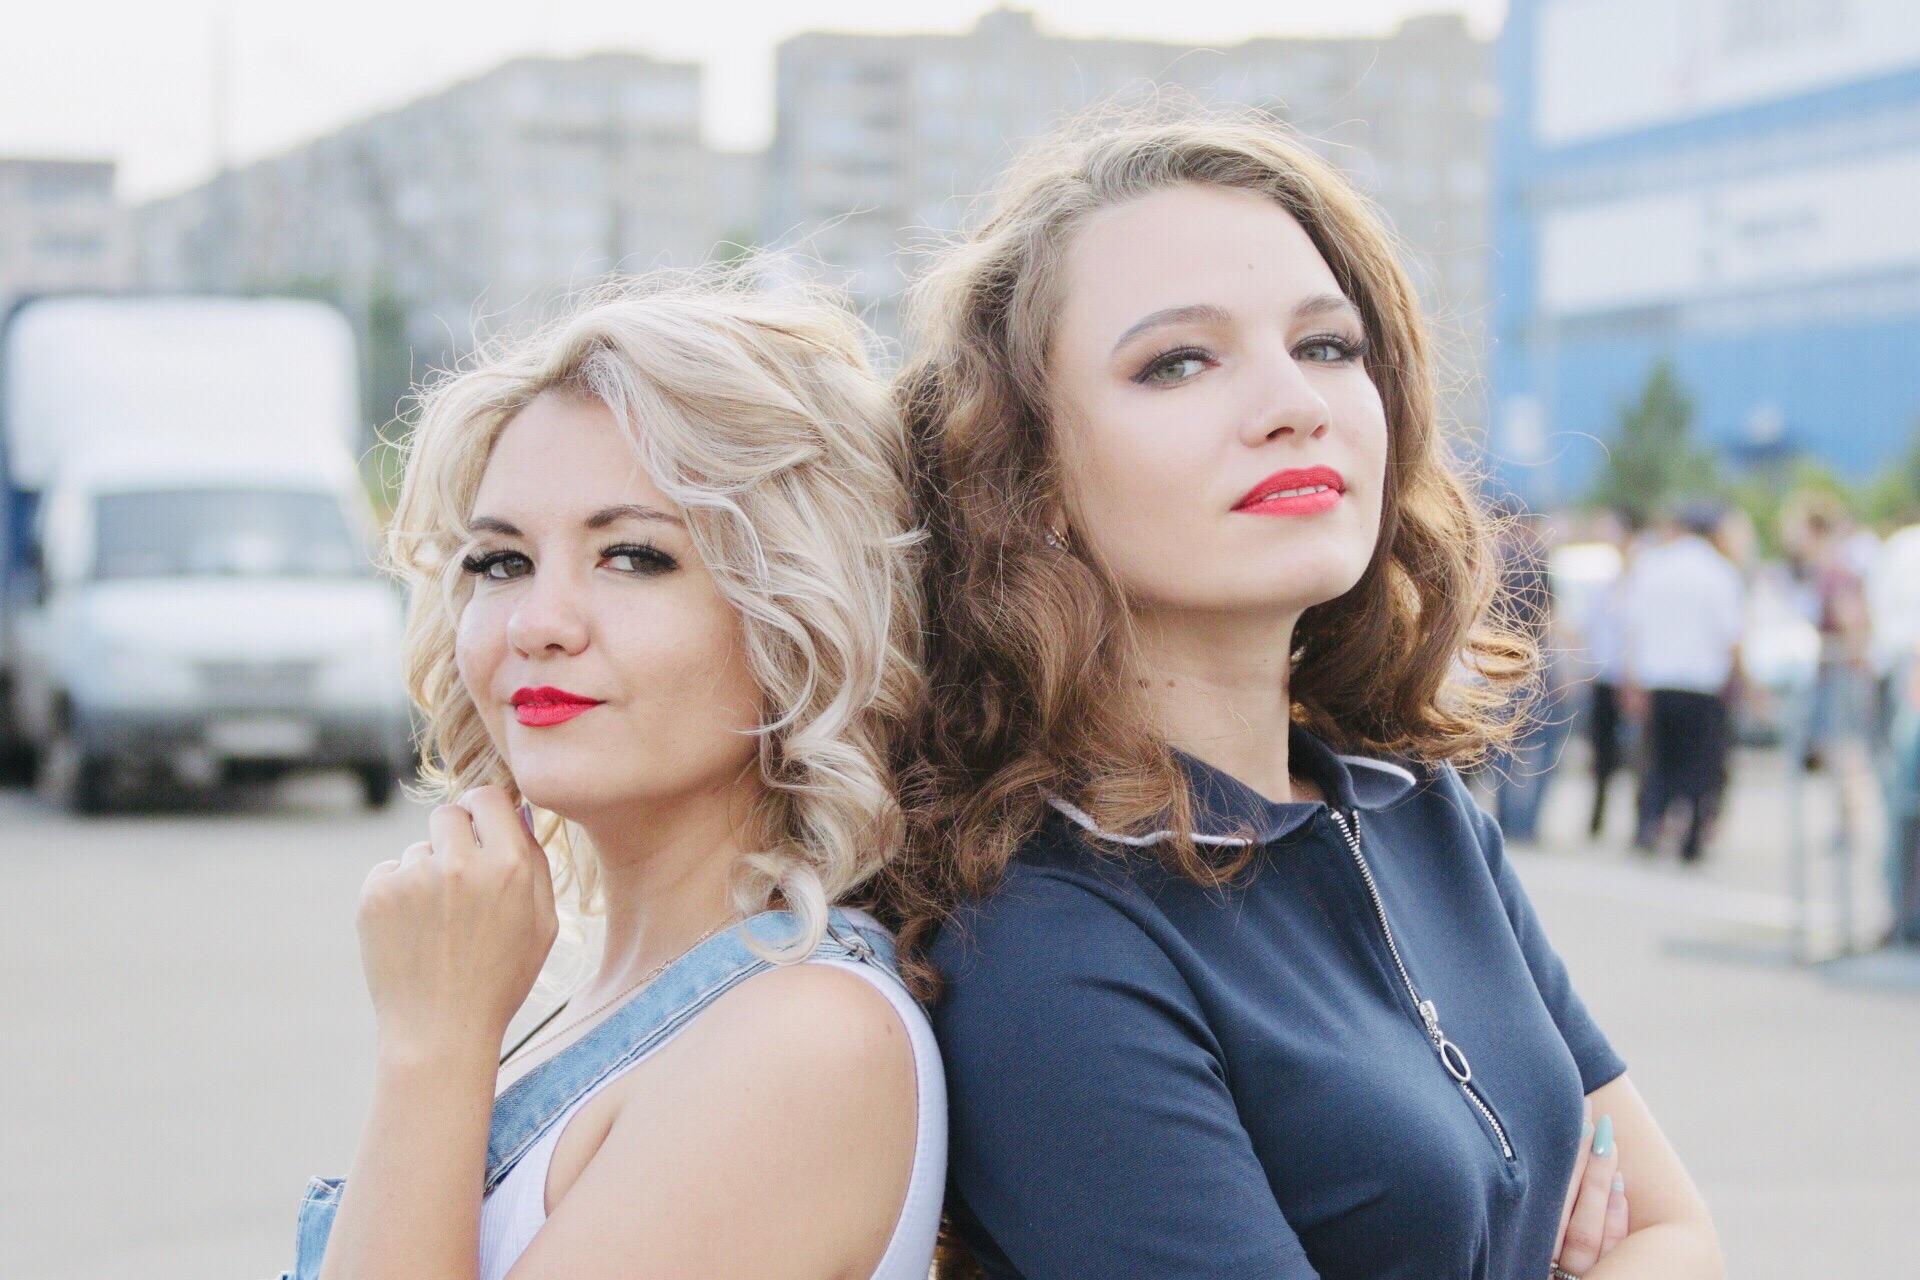 День металлурга в Магнитогорске — не только праздник суровых мужиков, но и прекрасных дам